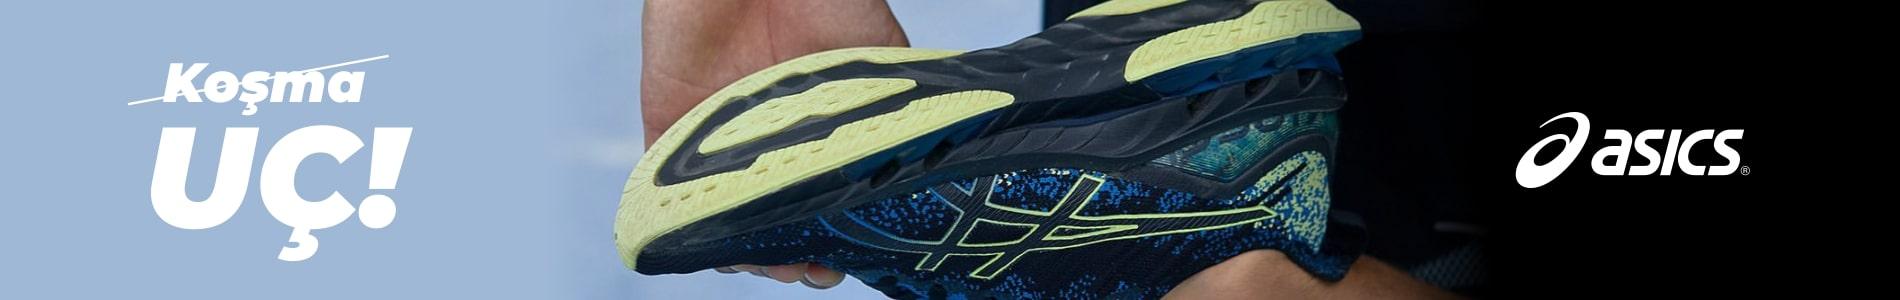 Asics Koşu Fitness Ayakkabı ve Aksesuarları